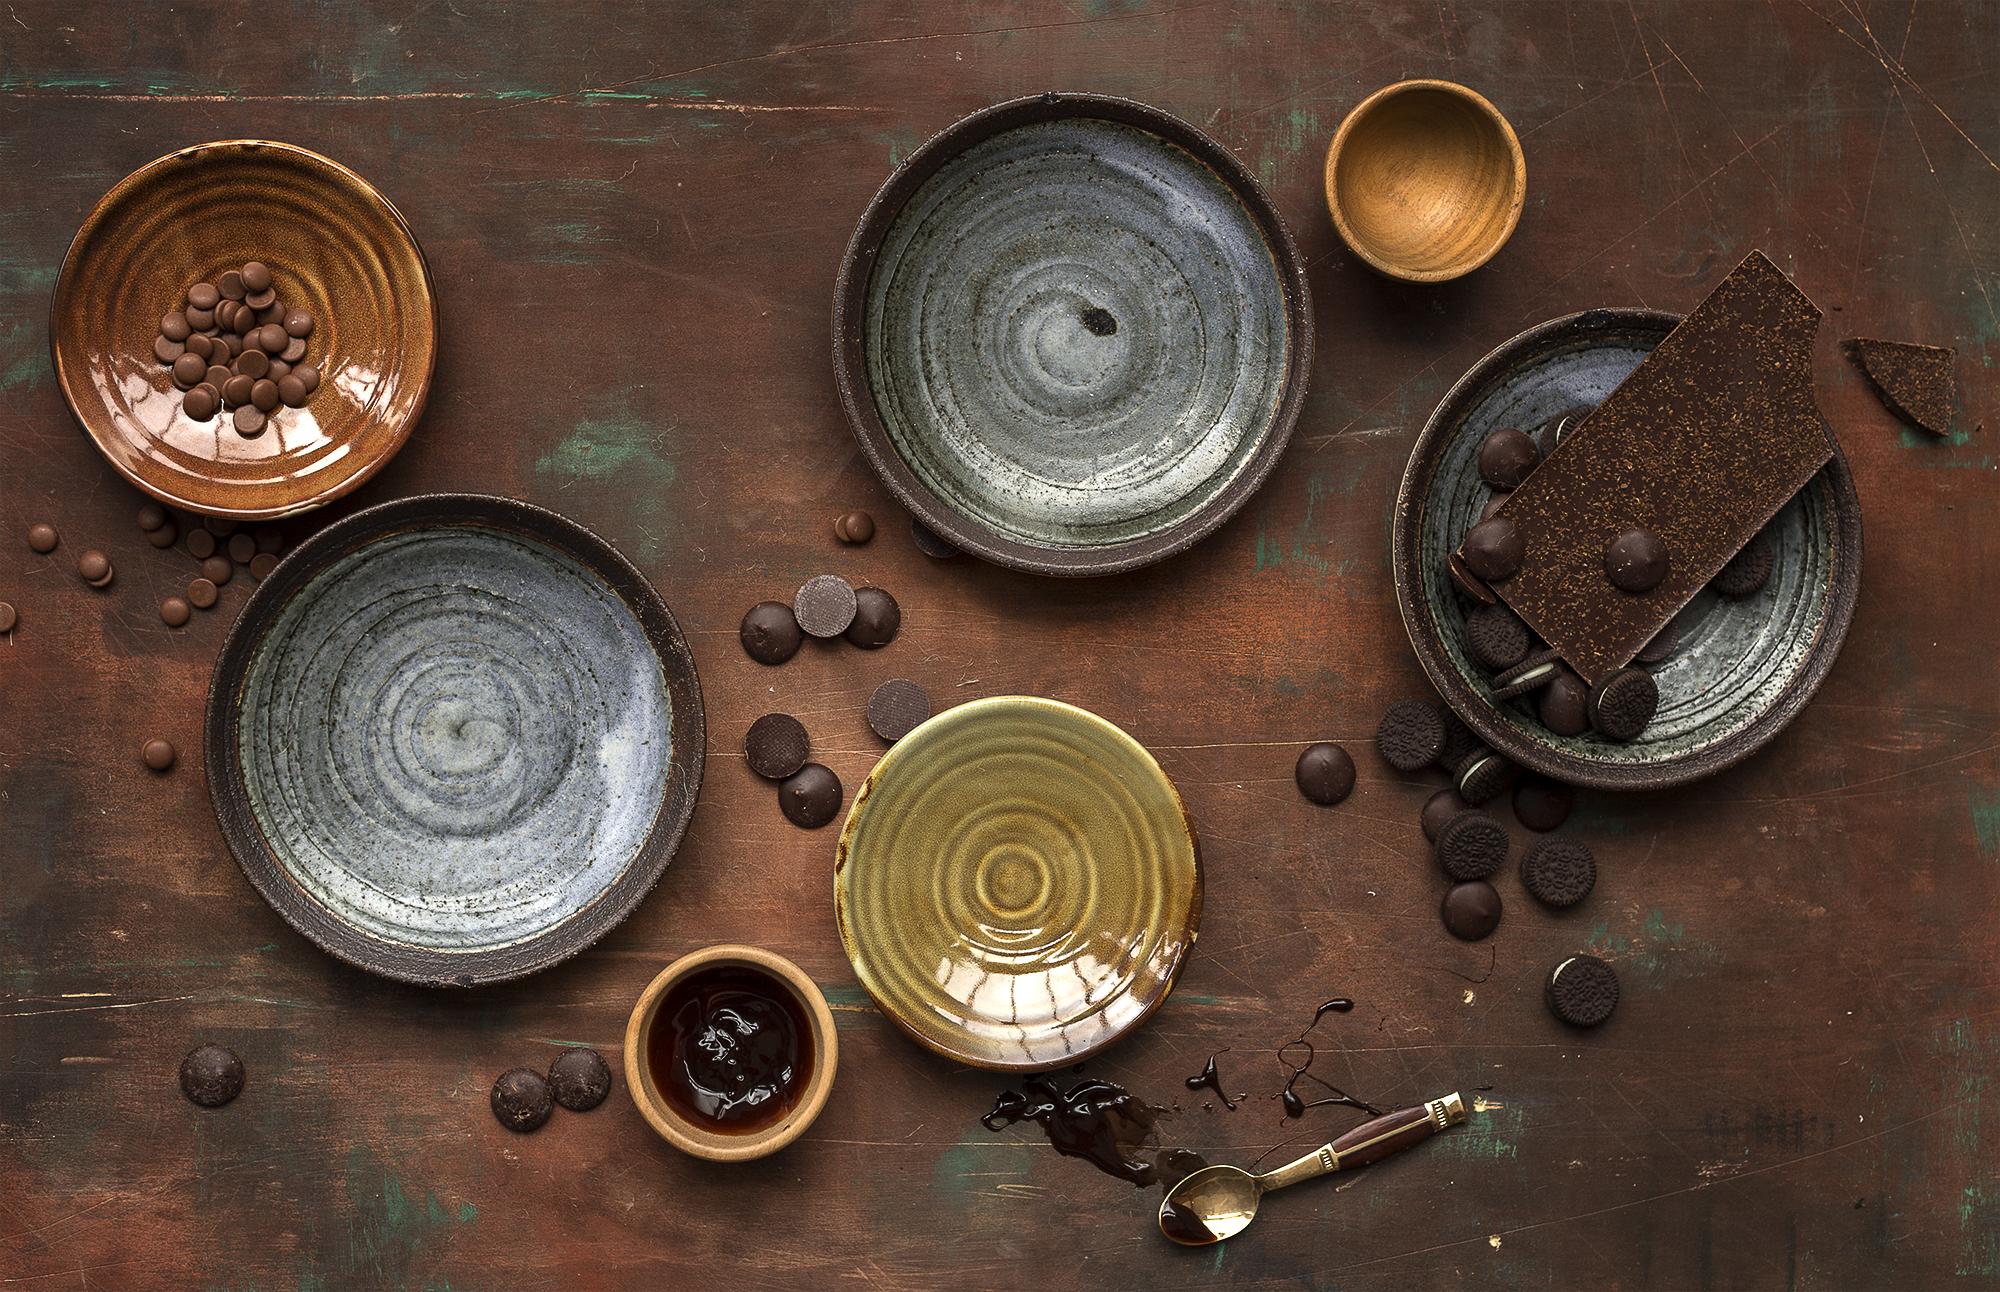 Styling by Yong Earn Fu